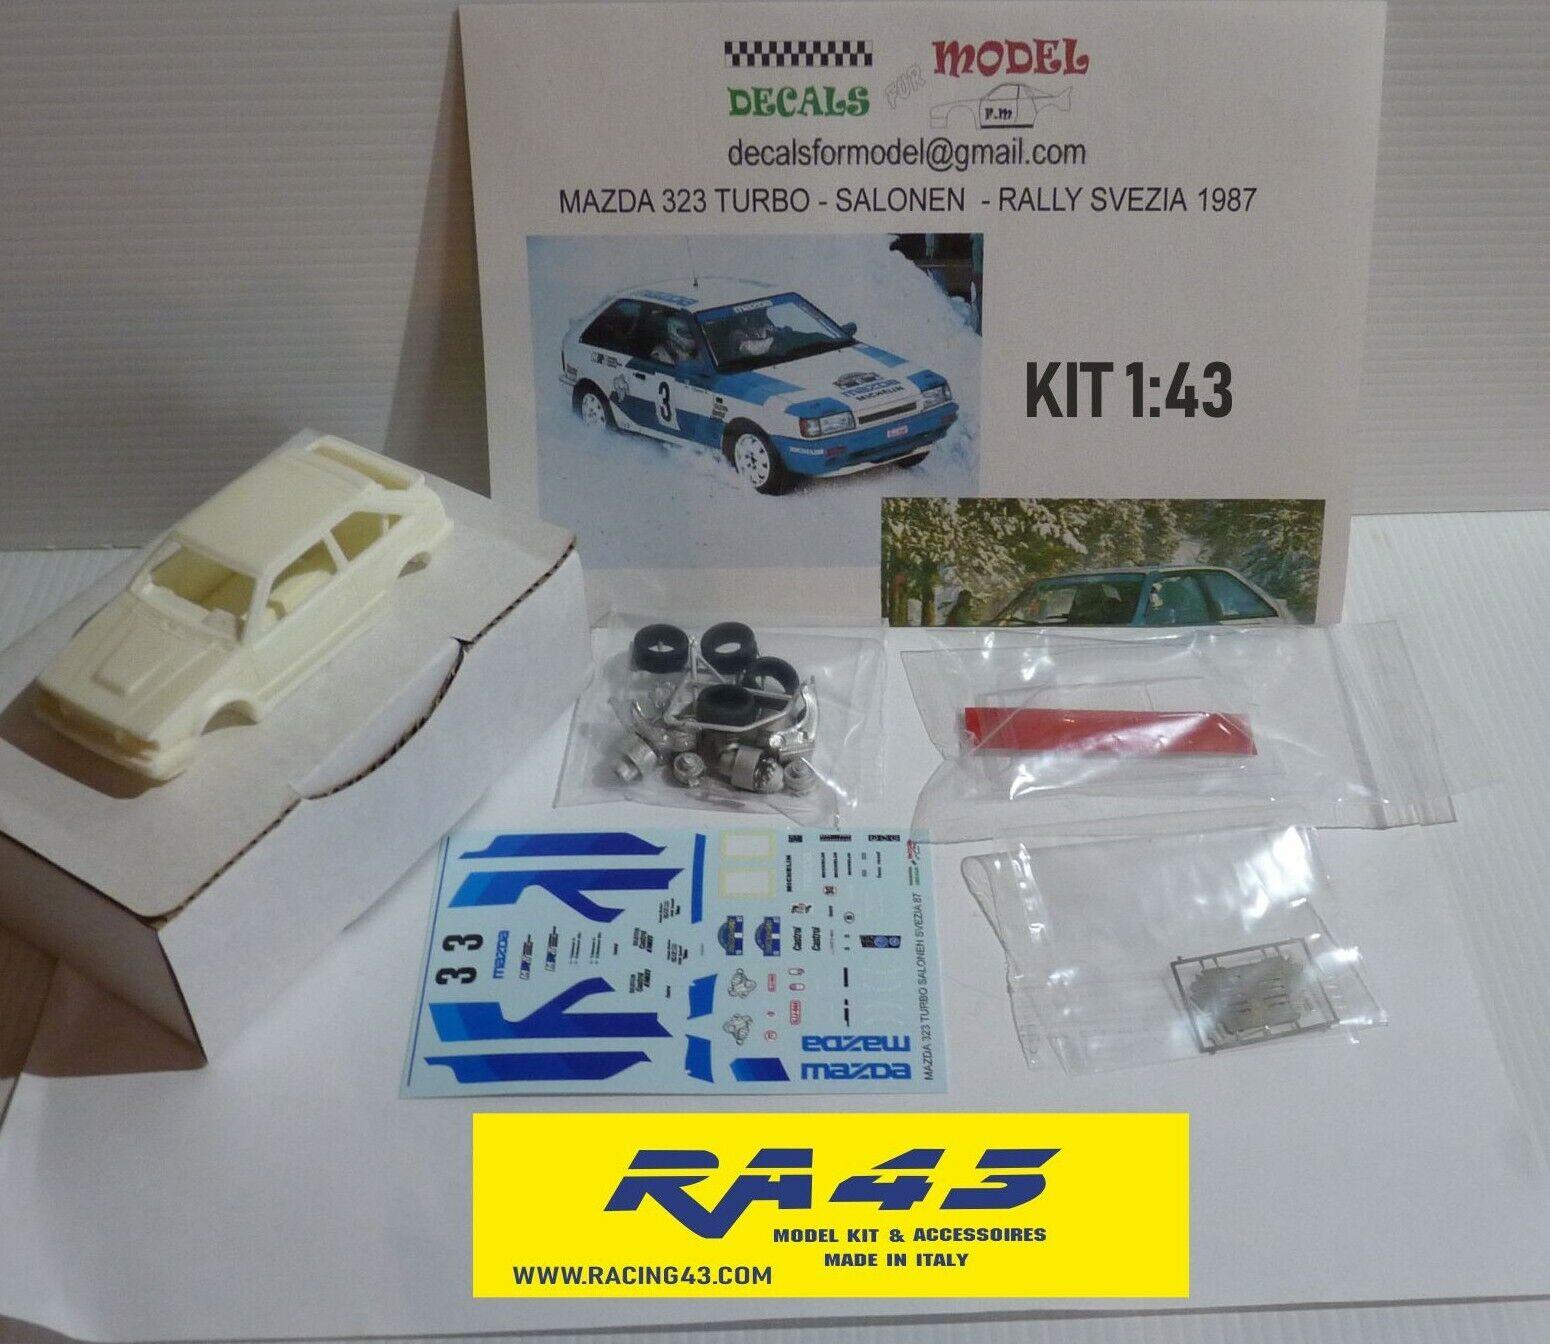 1 43 Mazda 323 Turbo Rally Svezia 1987 Salonen Kit